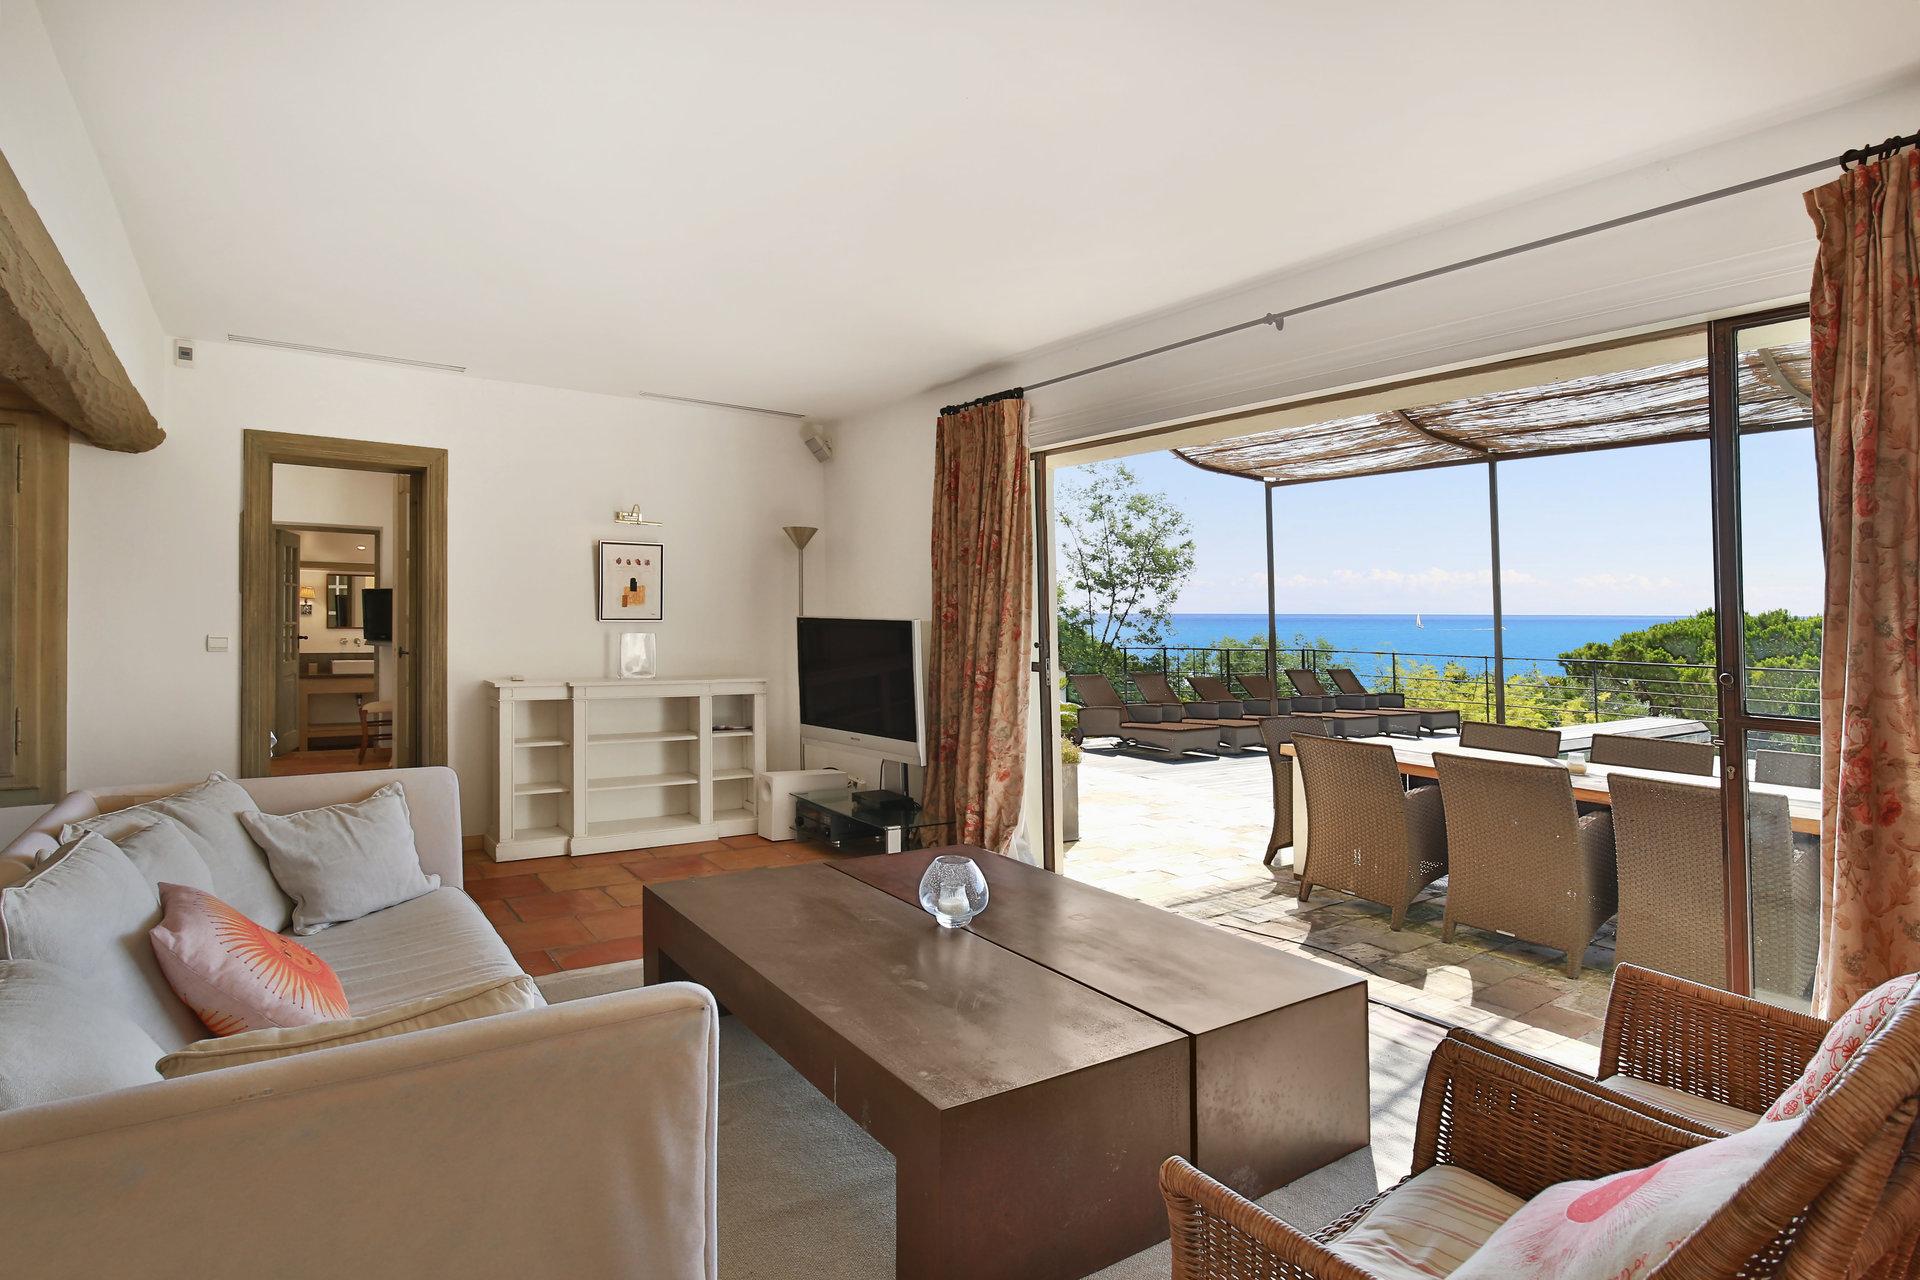 Verkauf Haus - Vallauris Super Cannes - Frankreich